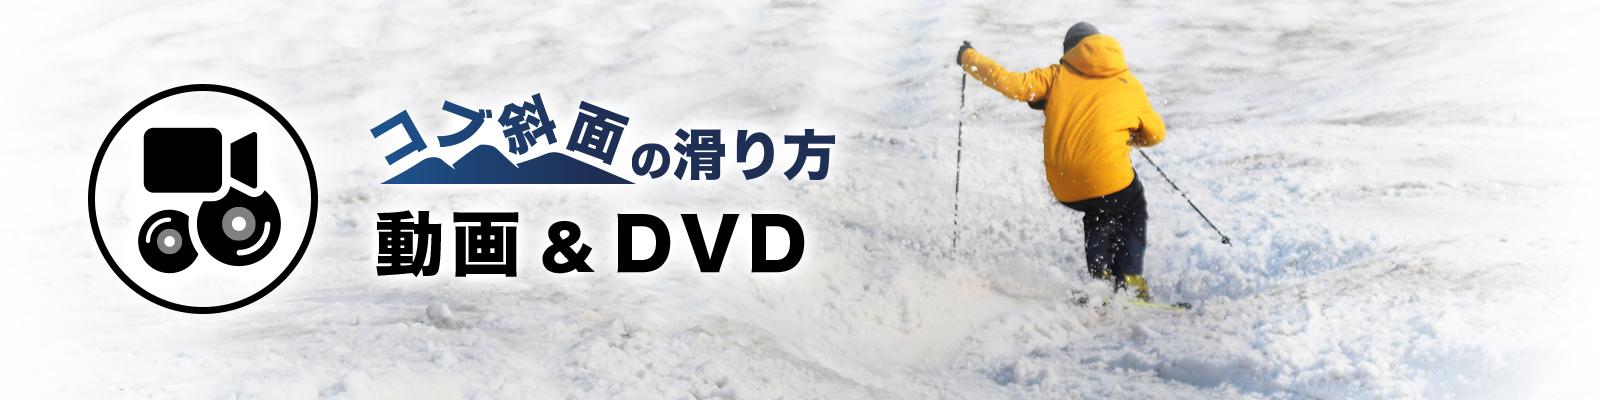 はじめてでもできる!コブ斜面の滑り方 動画&DVD